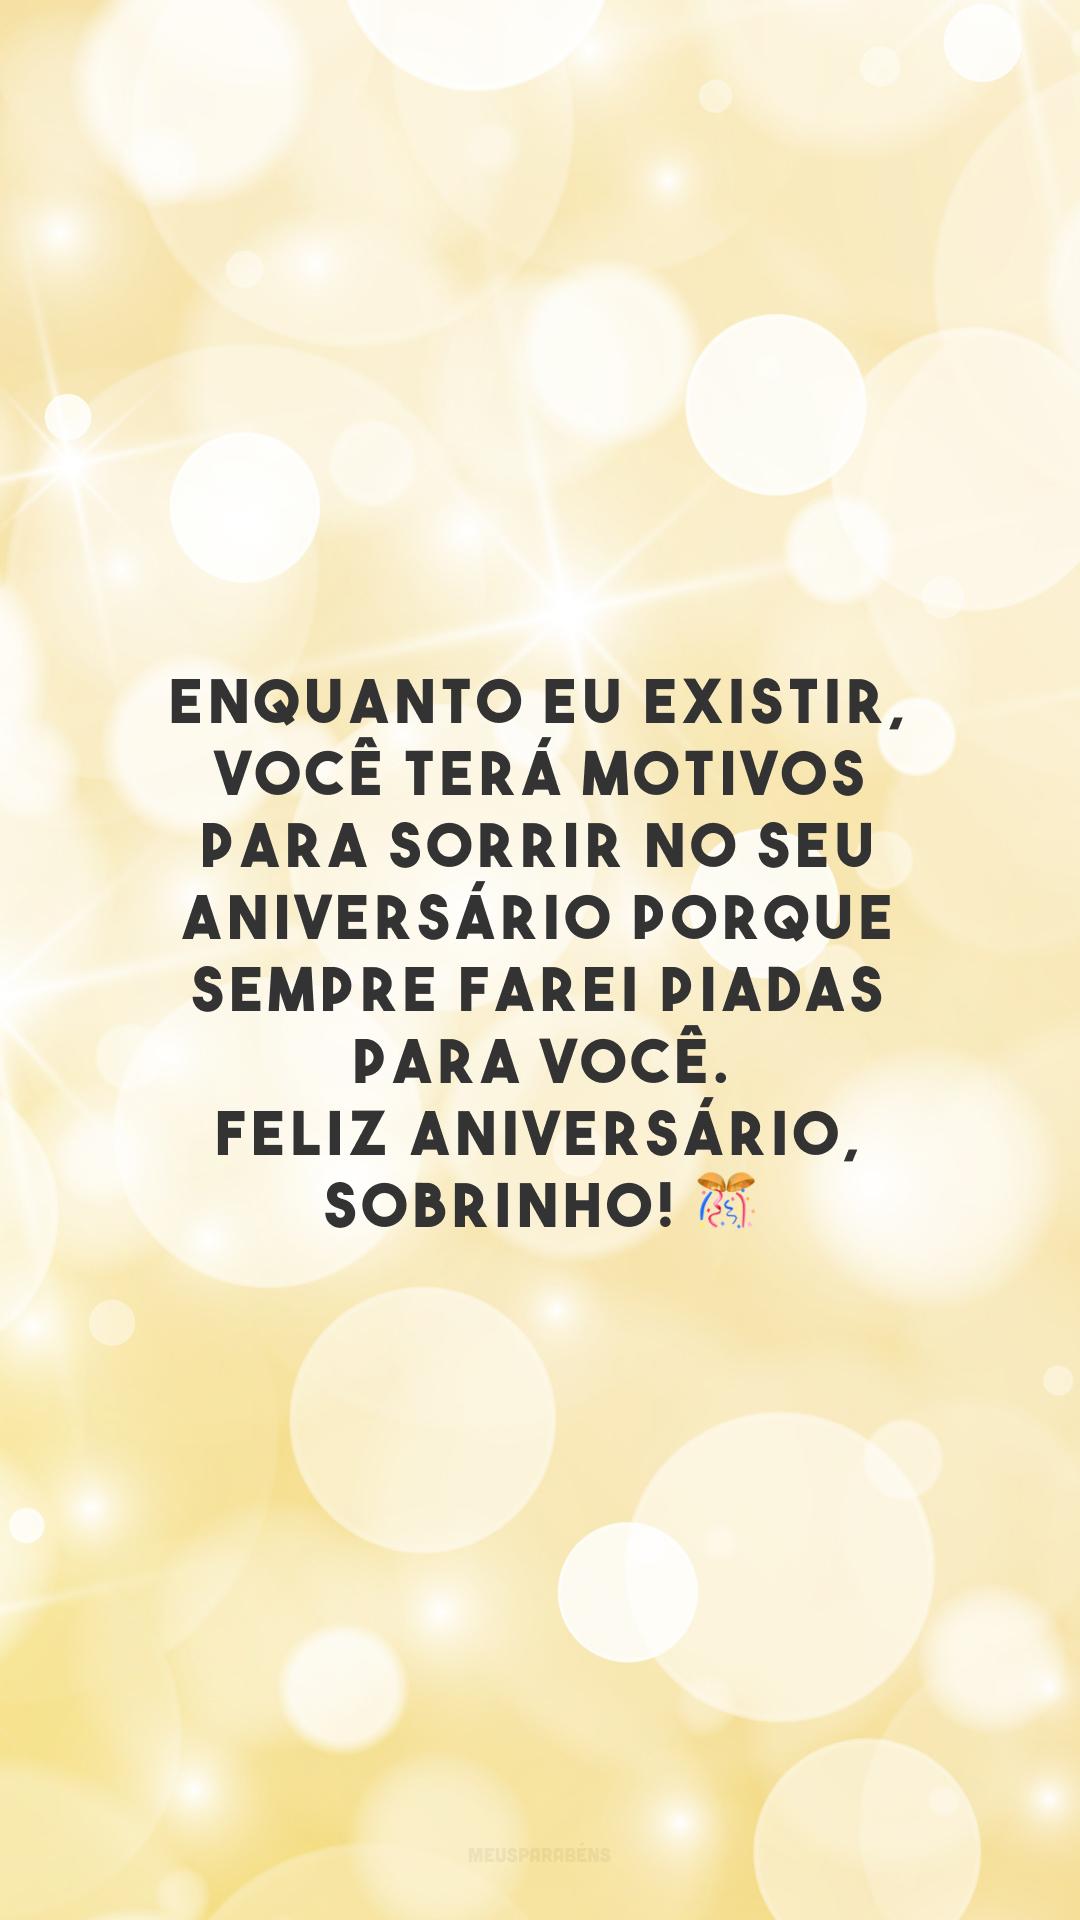 Enquanto eu existir, você terá motivos para sorrir no seu aniversário porque sempre farei piadas para você. Feliz aniversário, sobrinho! 🎊